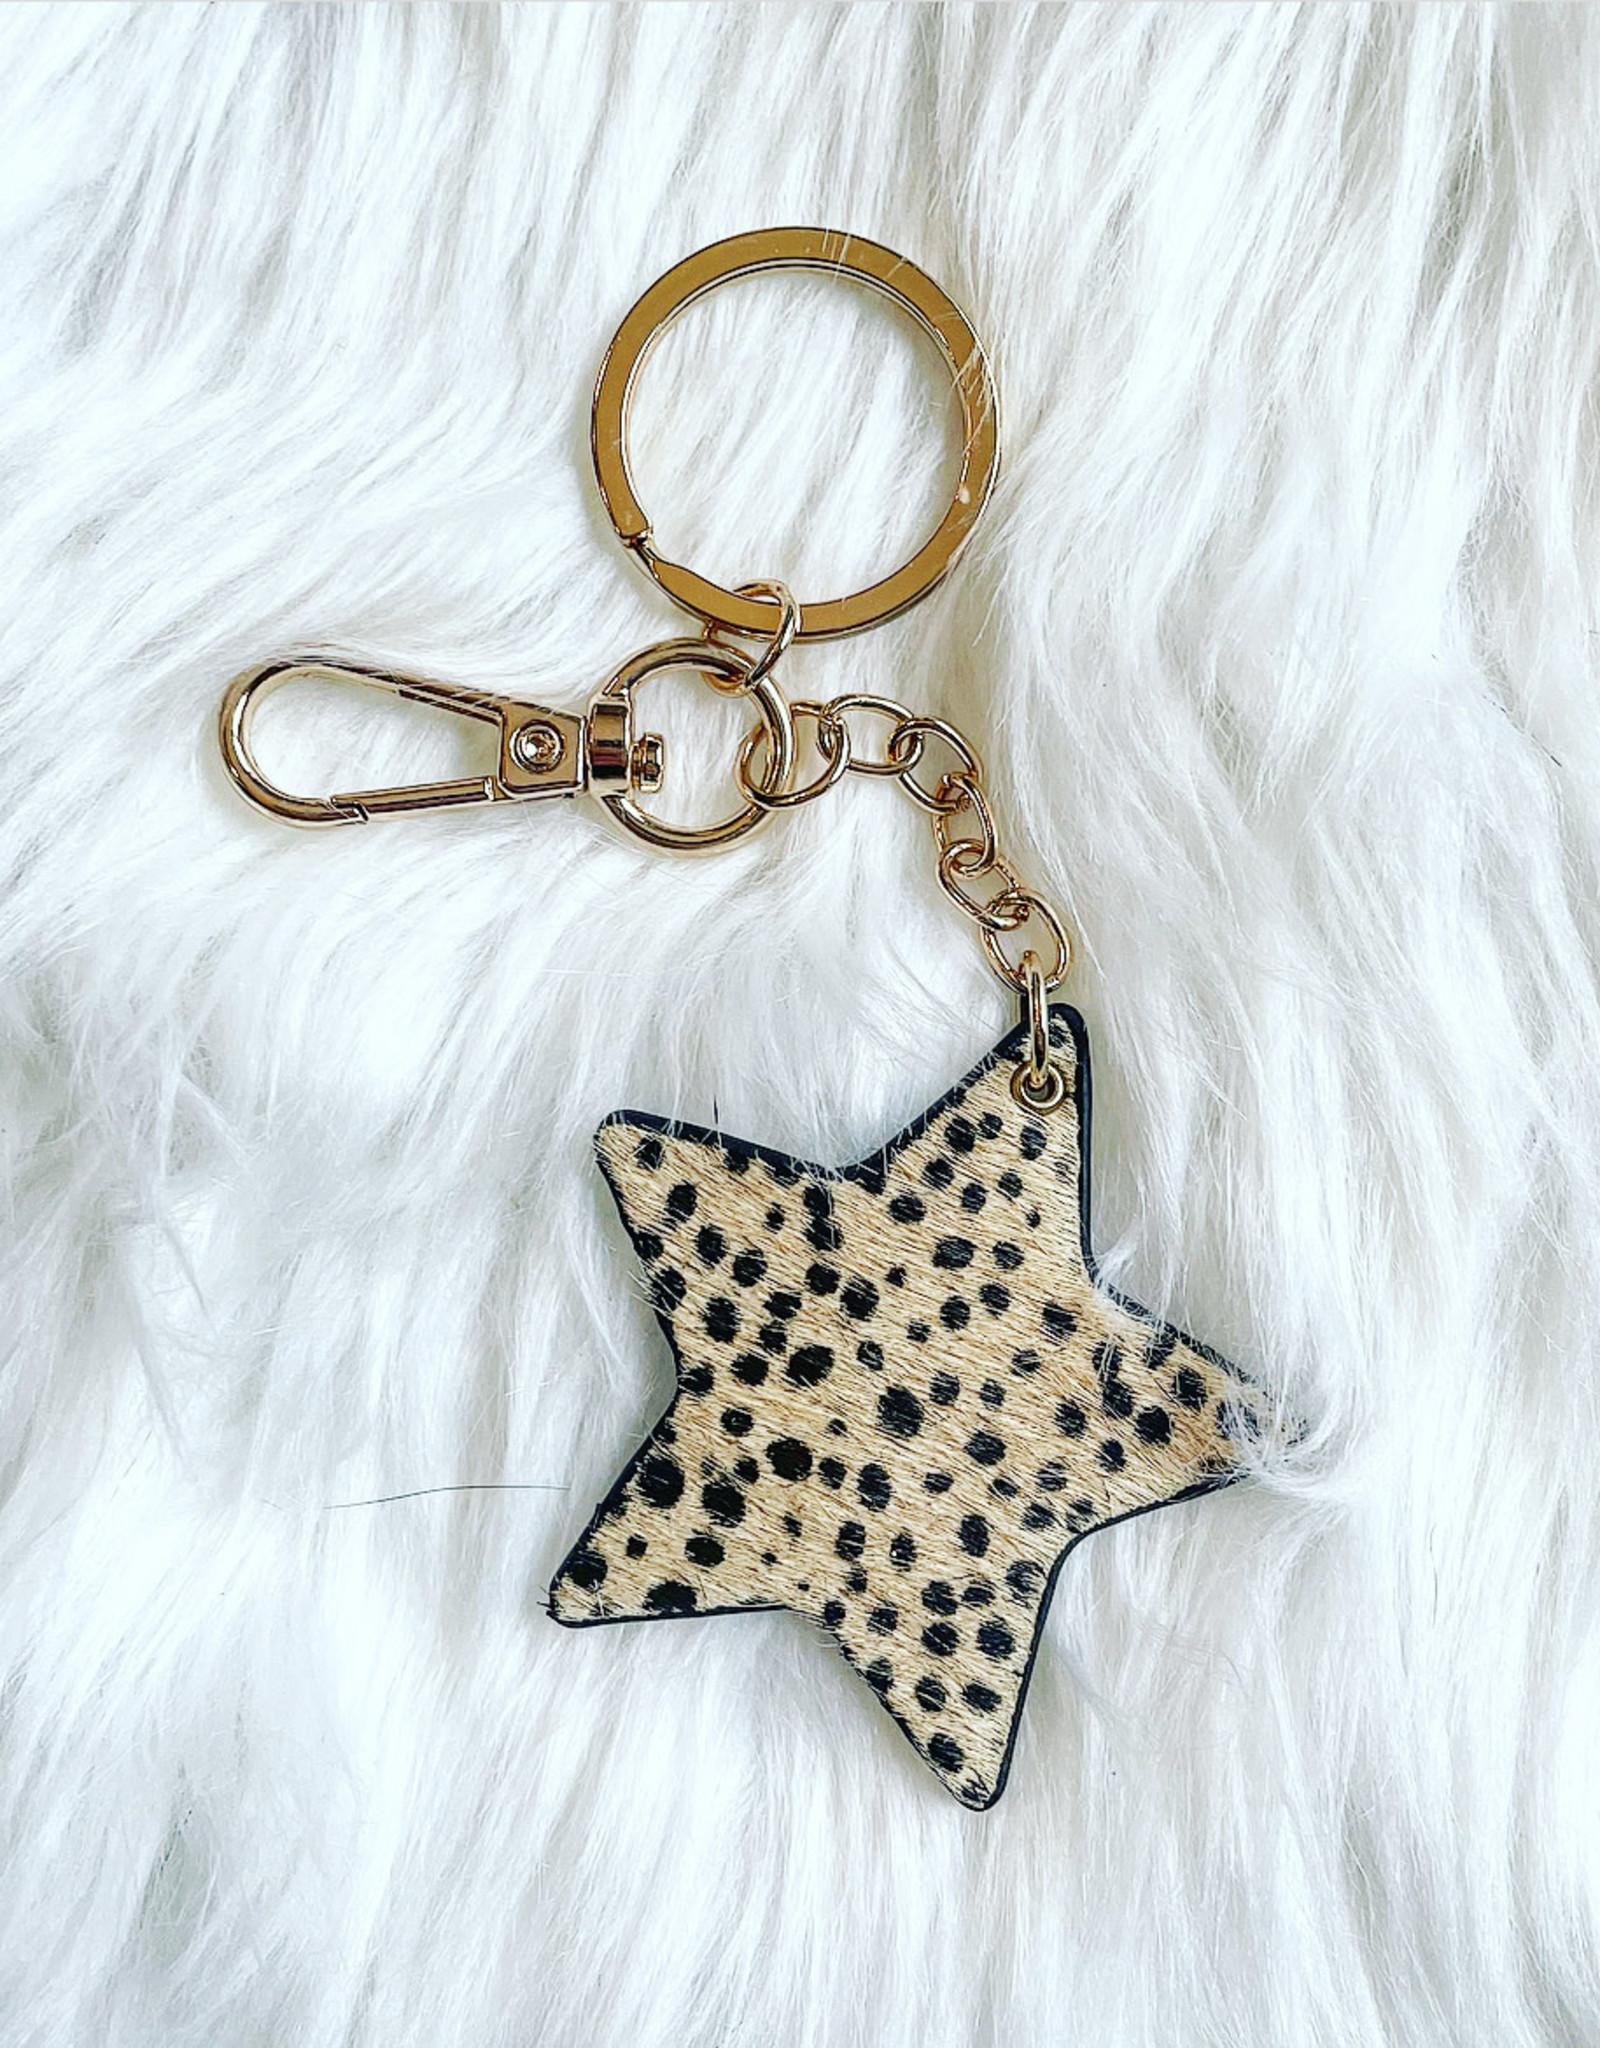 Cheetah Star Key Chain